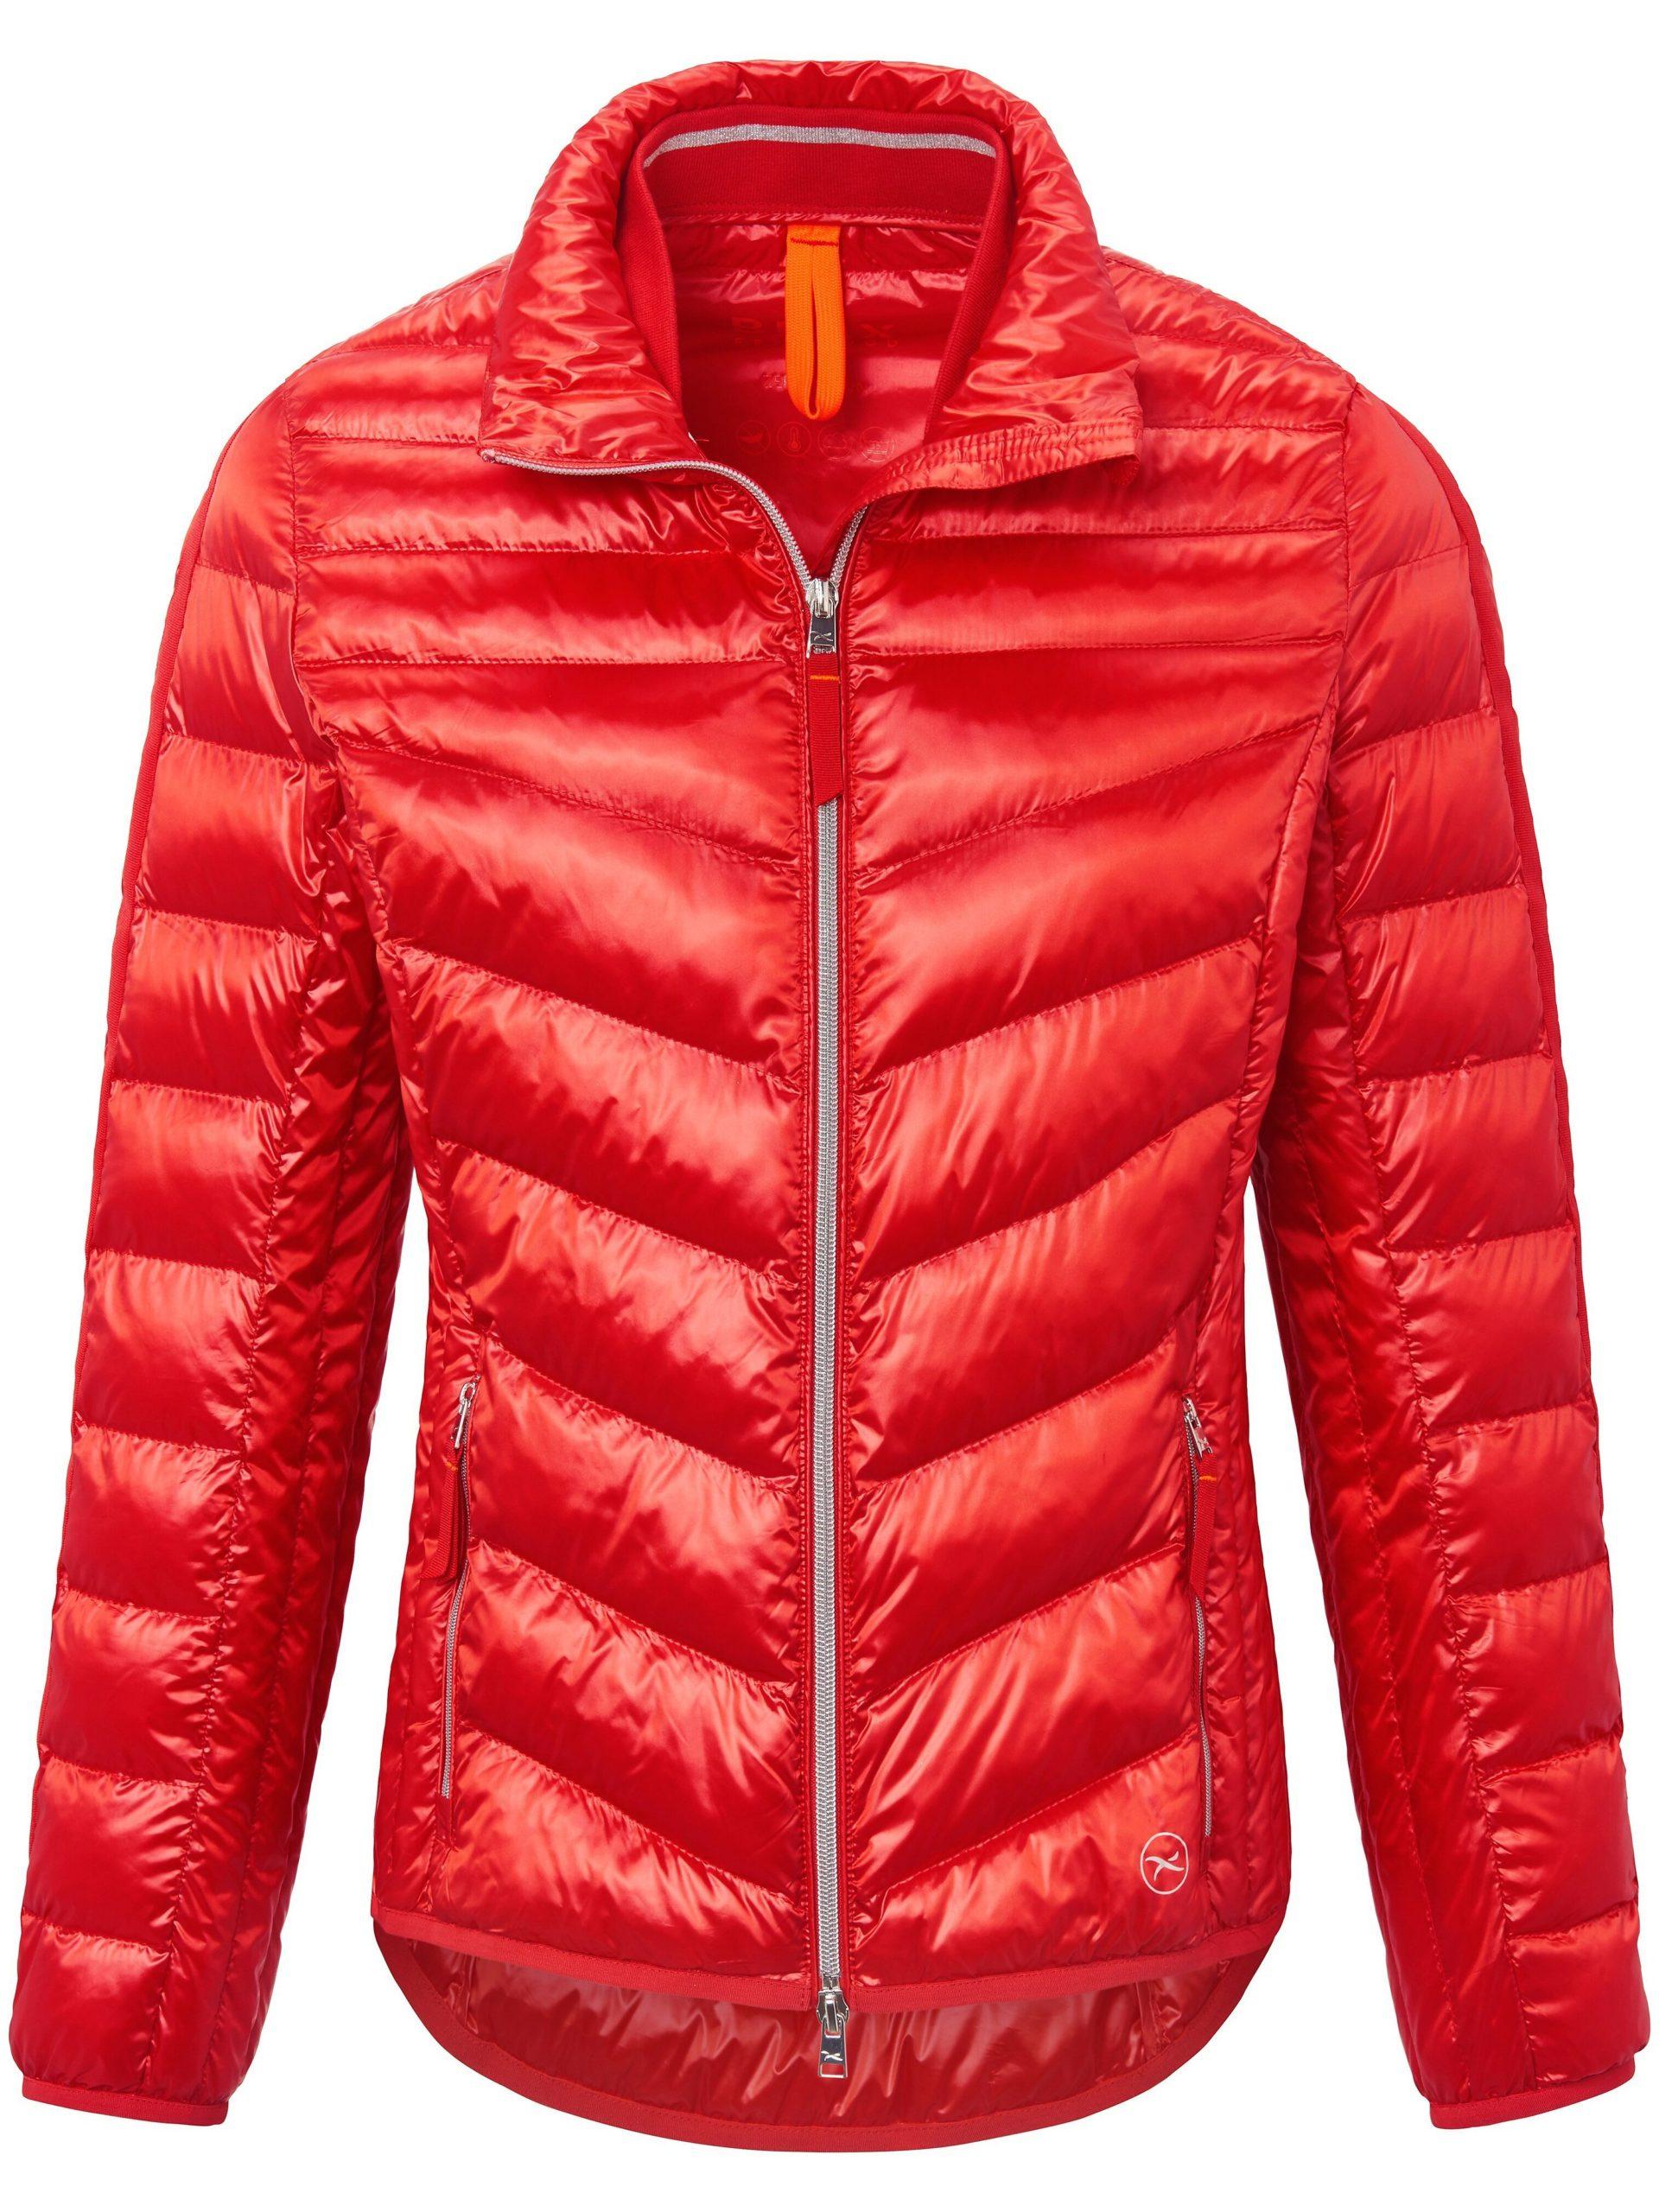 Doorgestikt jasje met staande kraag Van Brax Feel Good rood Kopen